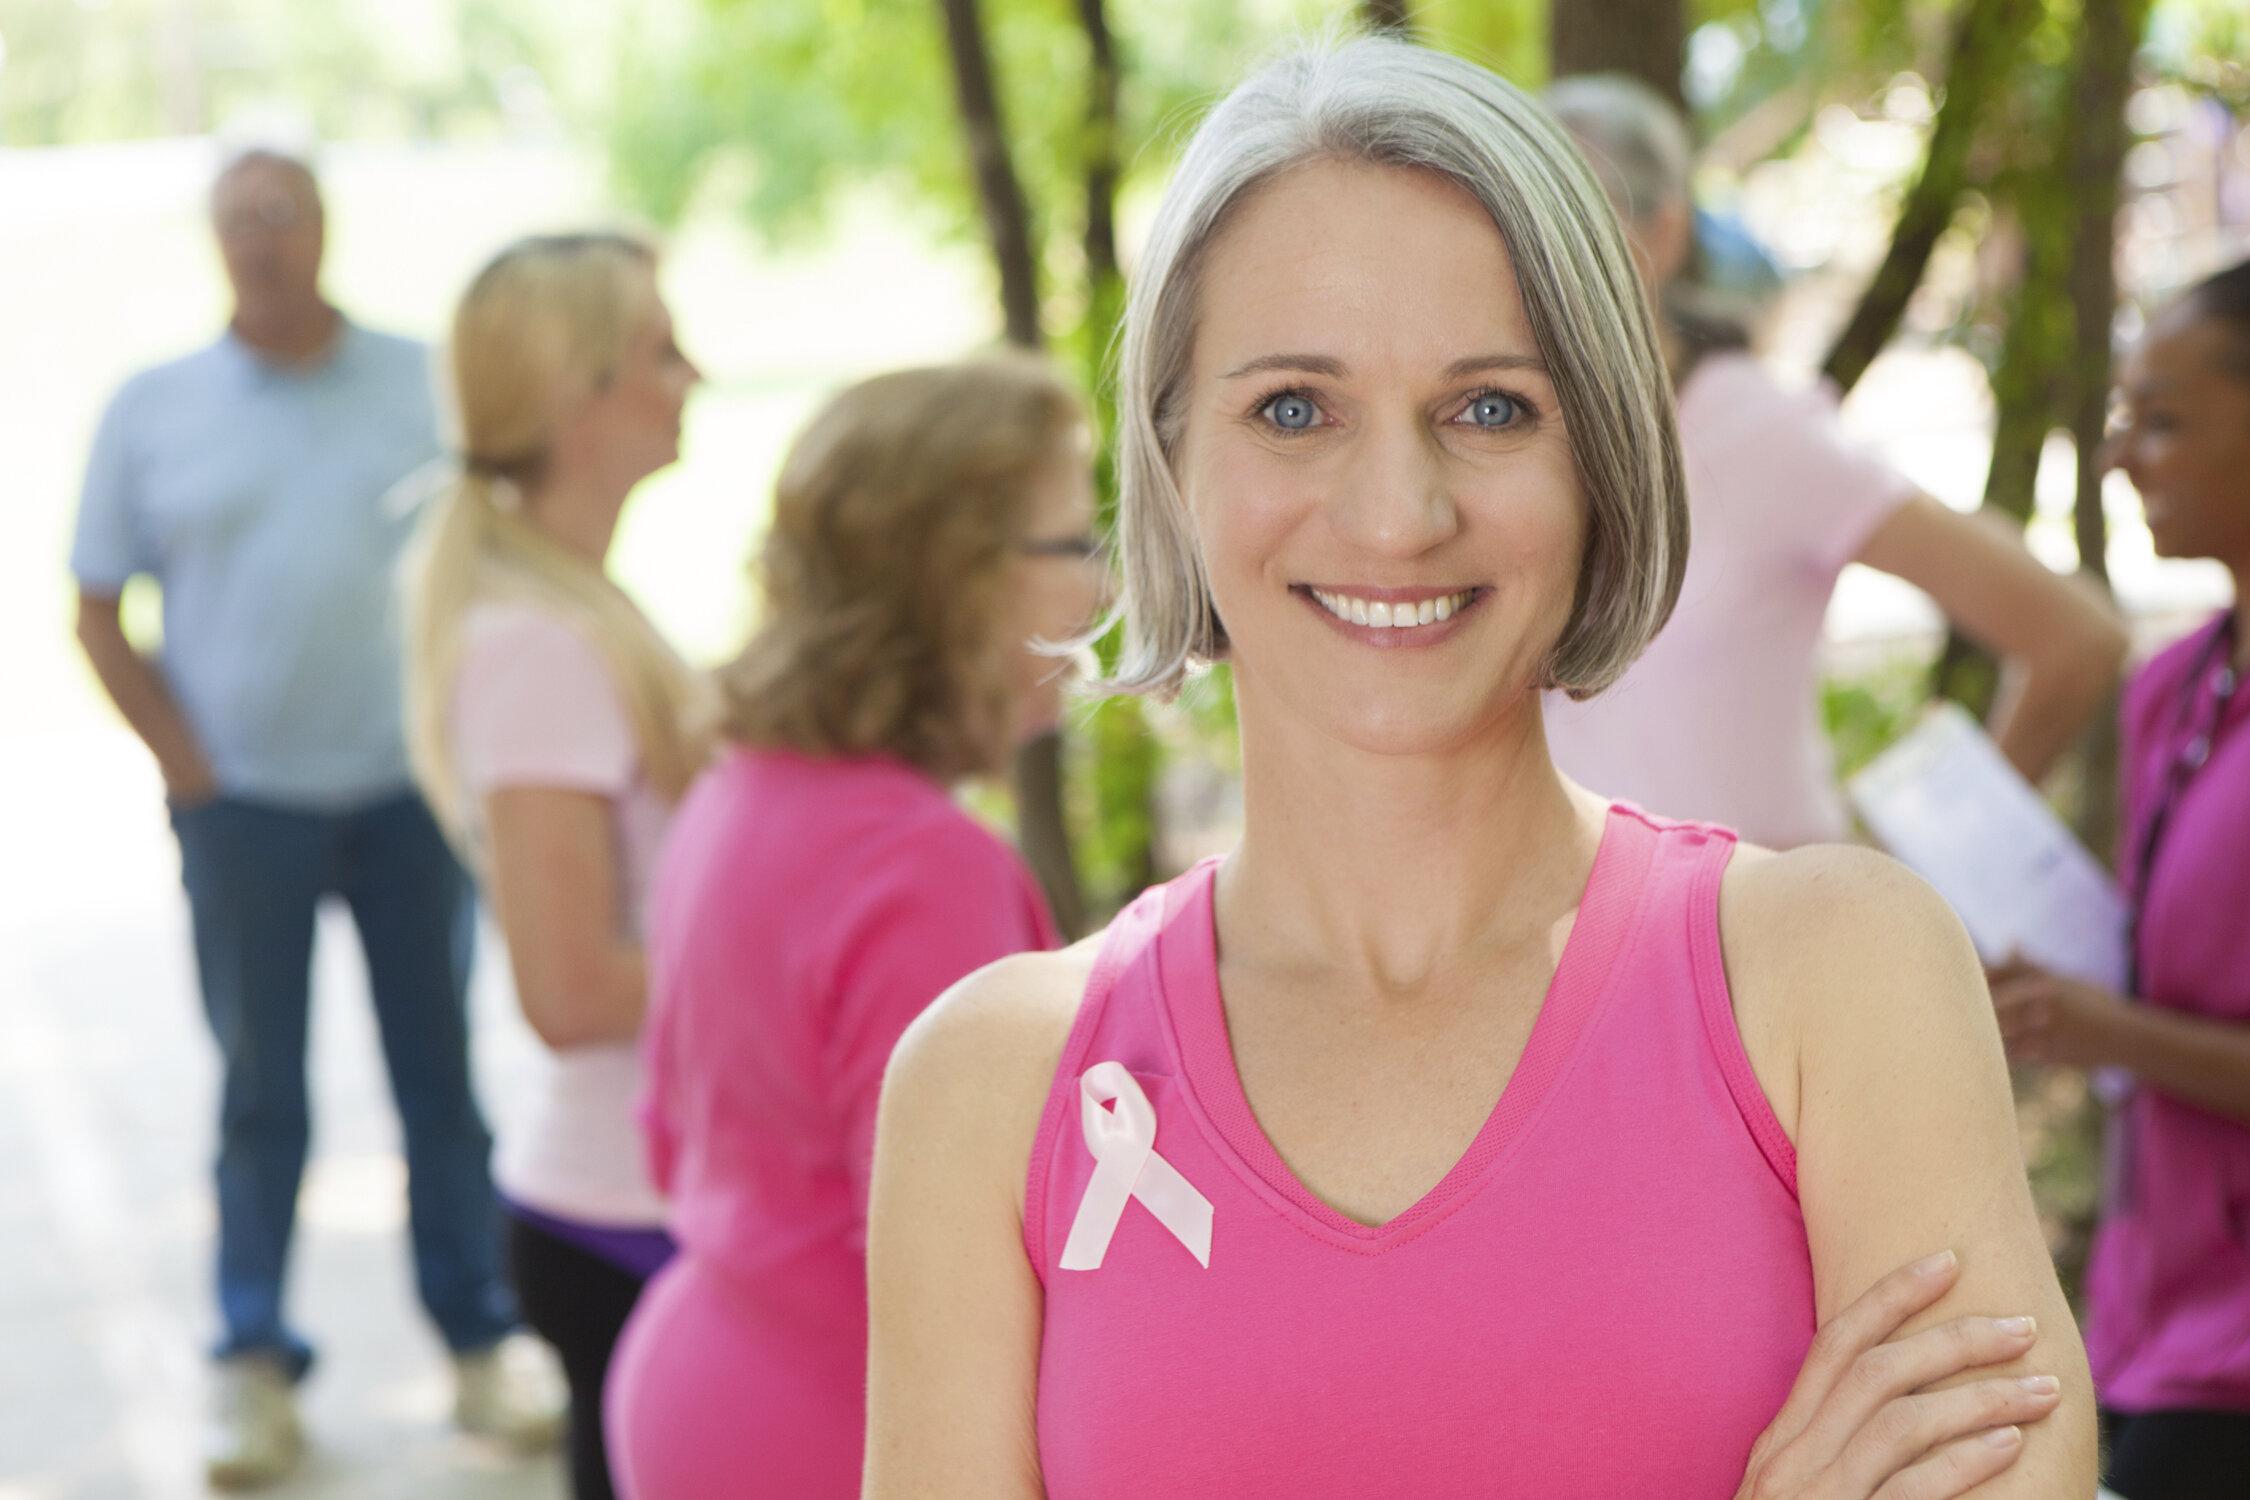 Woman_BreastCancerAwareness.jpg